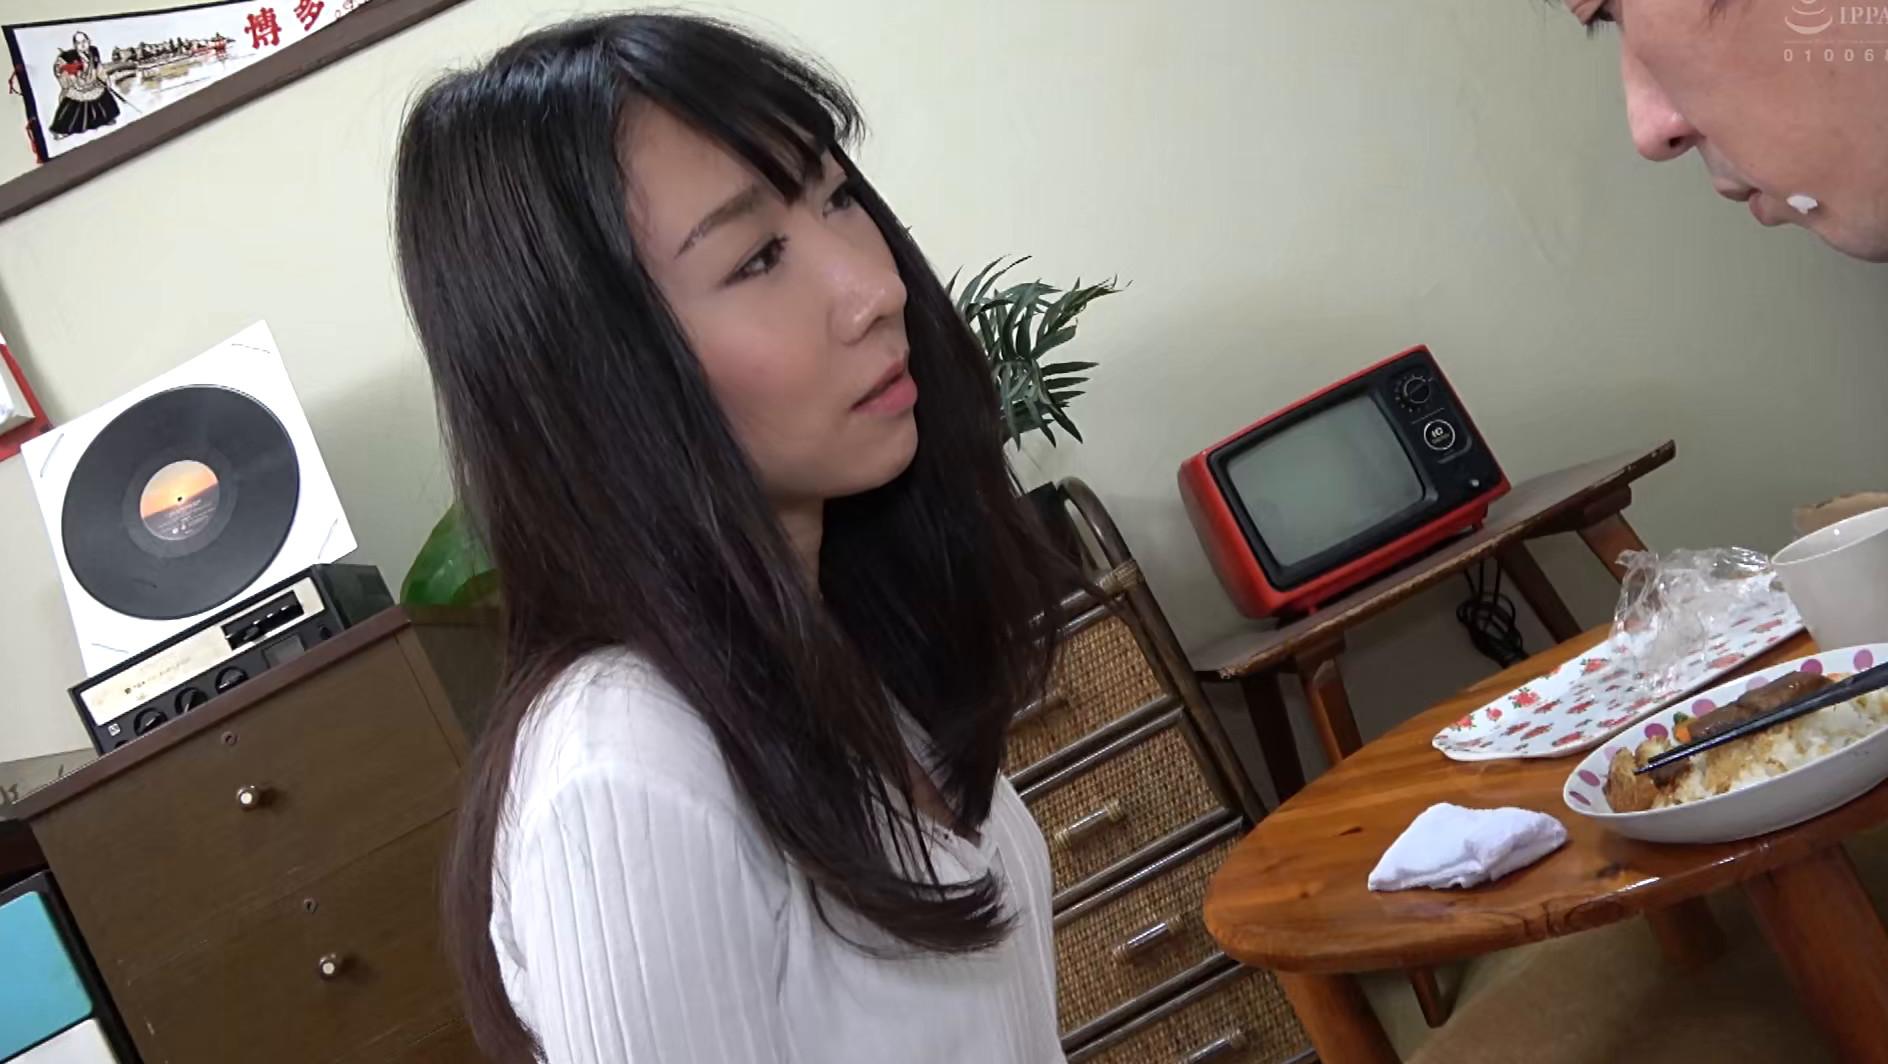 子供部屋おじさん(35歳無職の息子)を性処理する義母 森田紅音 画像1